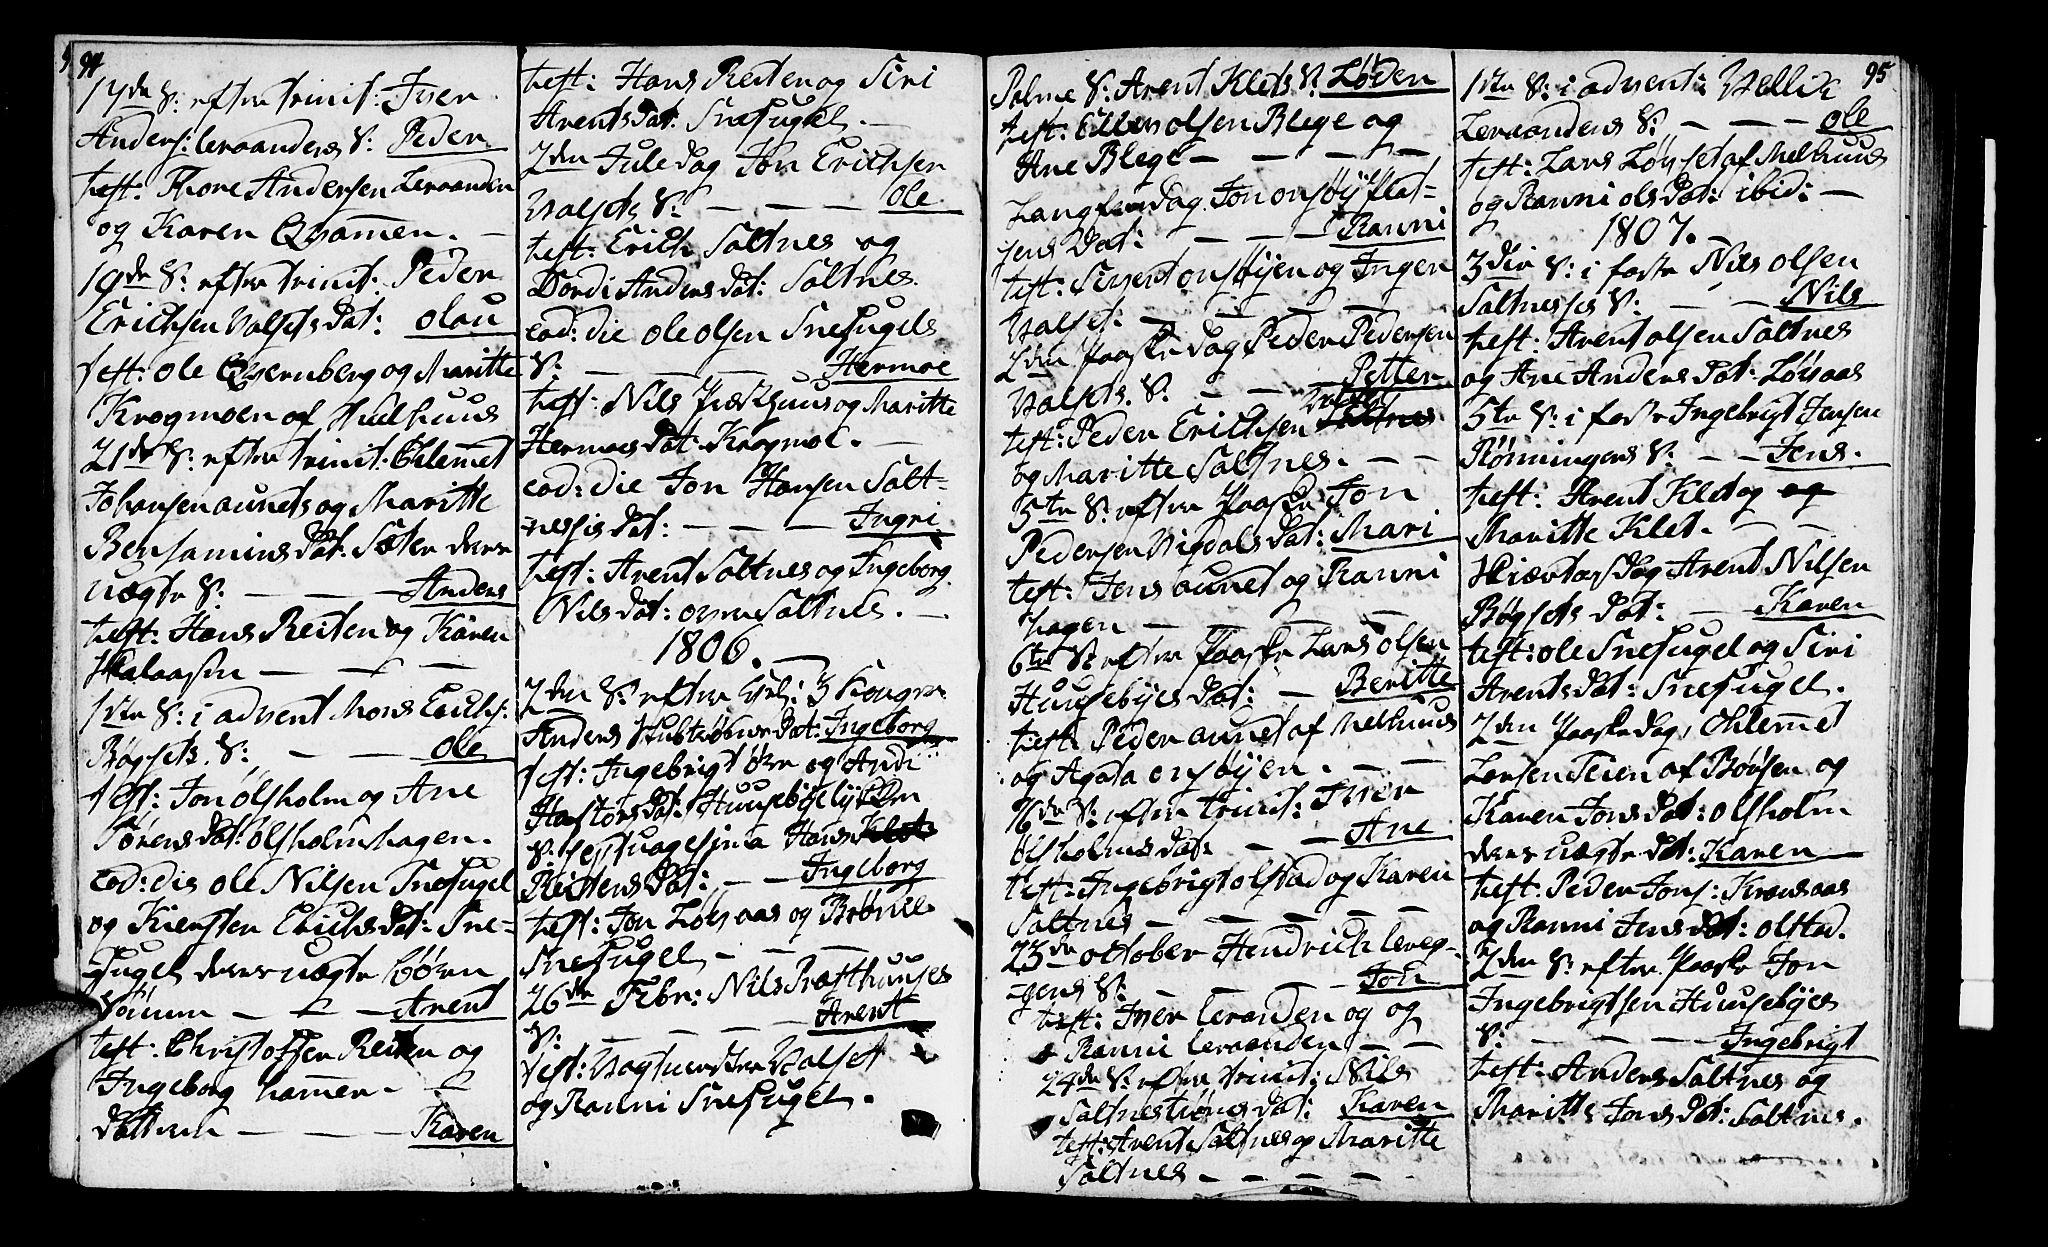 SAT, Ministerialprotokoller, klokkerbøker og fødselsregistre - Sør-Trøndelag, 666/L0785: Ministerialbok nr. 666A03, 1803-1816, s. 94-95